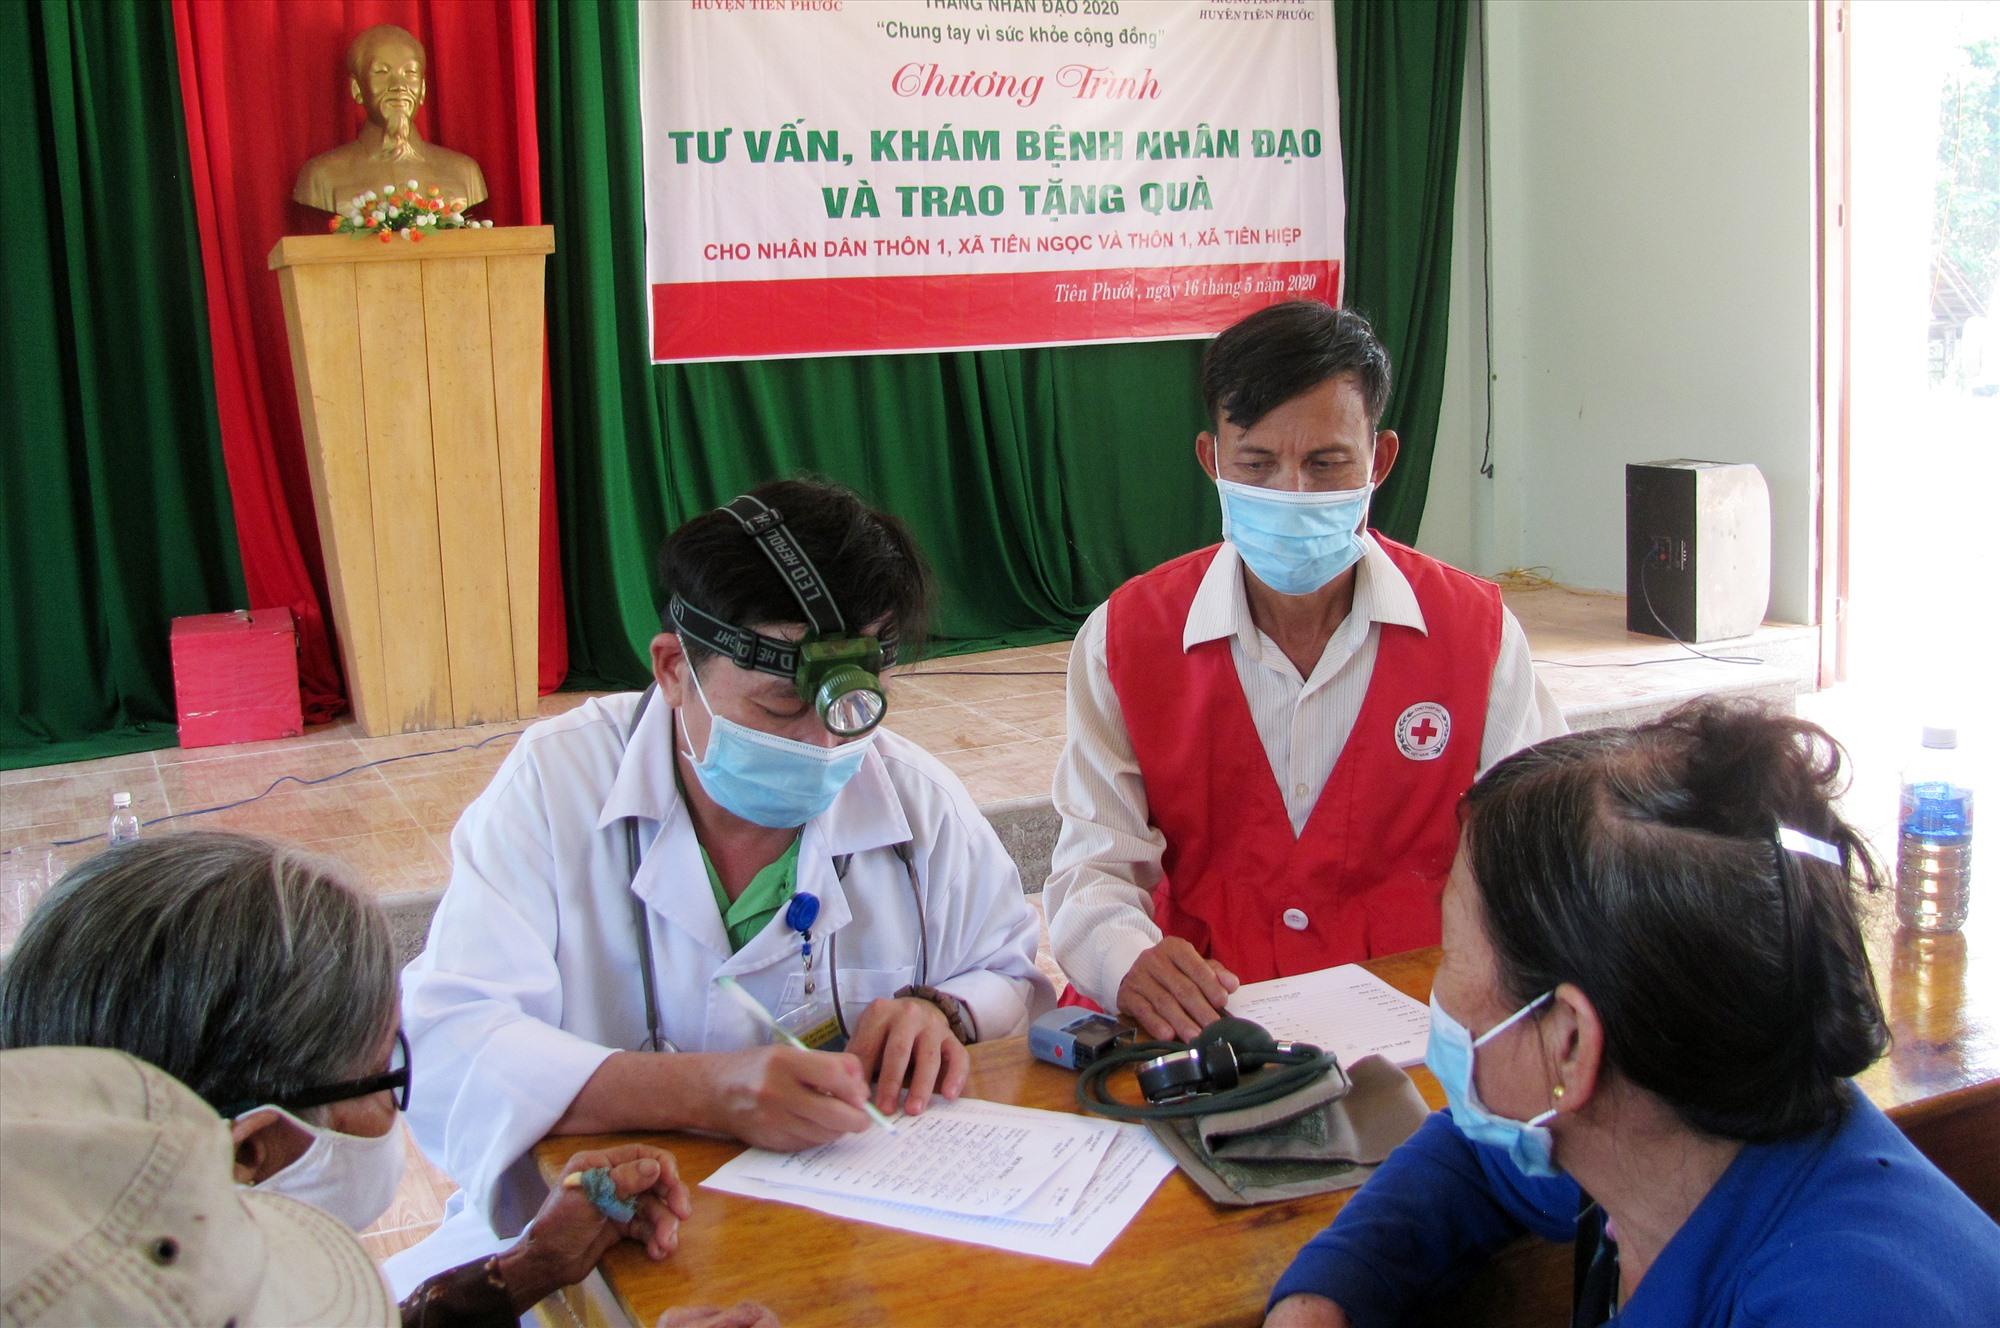 Hội CTĐ Tiên Phước tư vấn, khám bệnh, cấp thuốc miễn phí cho người dân. Ảnh: C.N